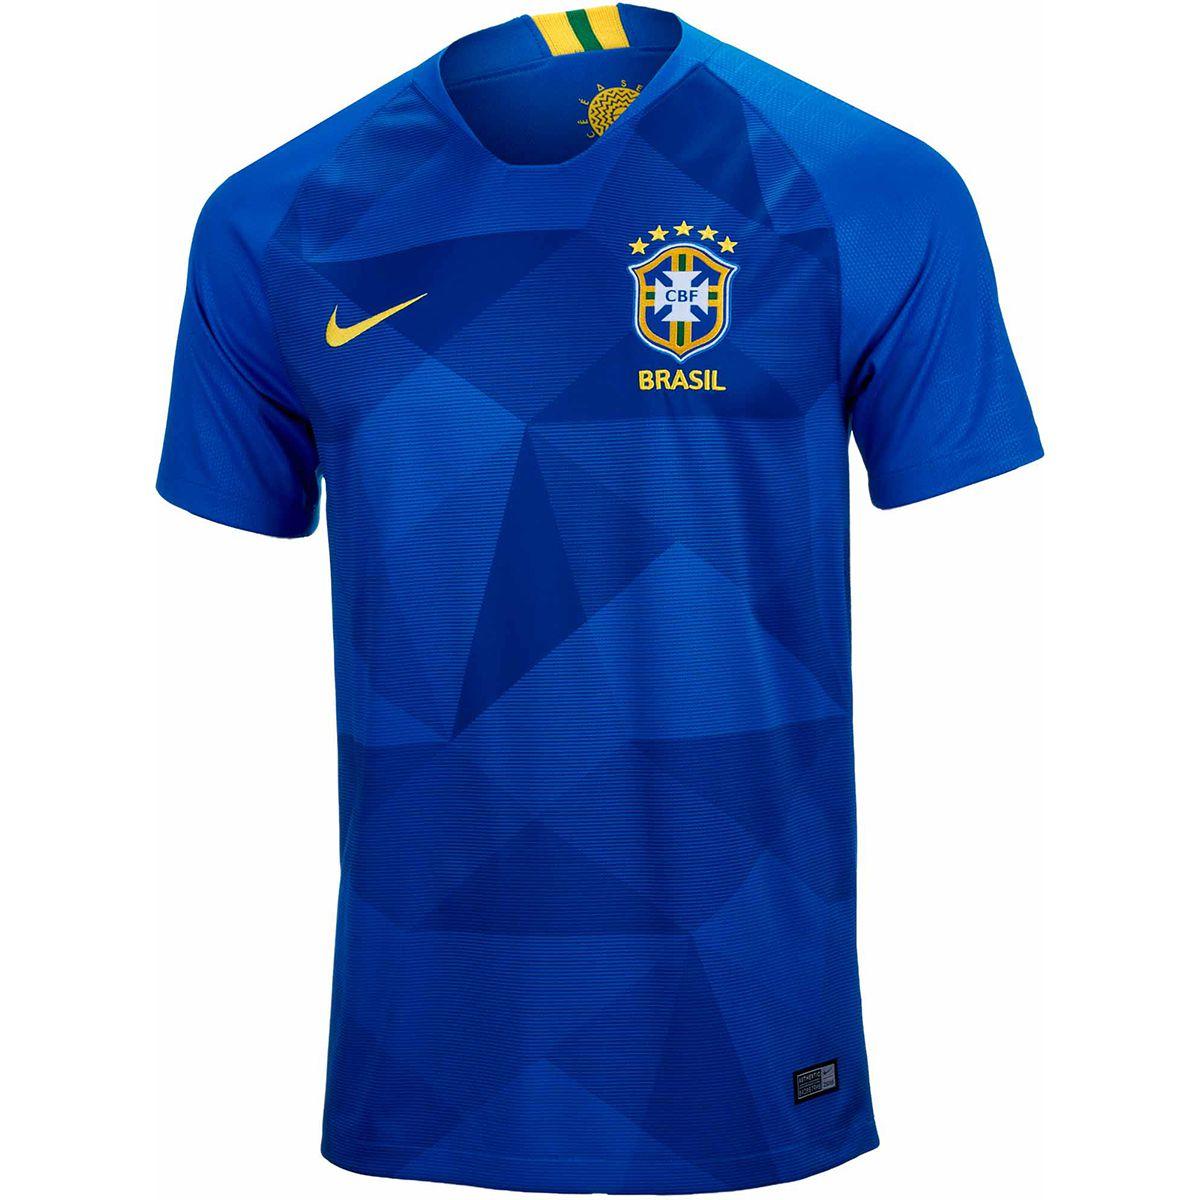 پیراهن دوم برزیل جام جهانی 2018 تایلندی